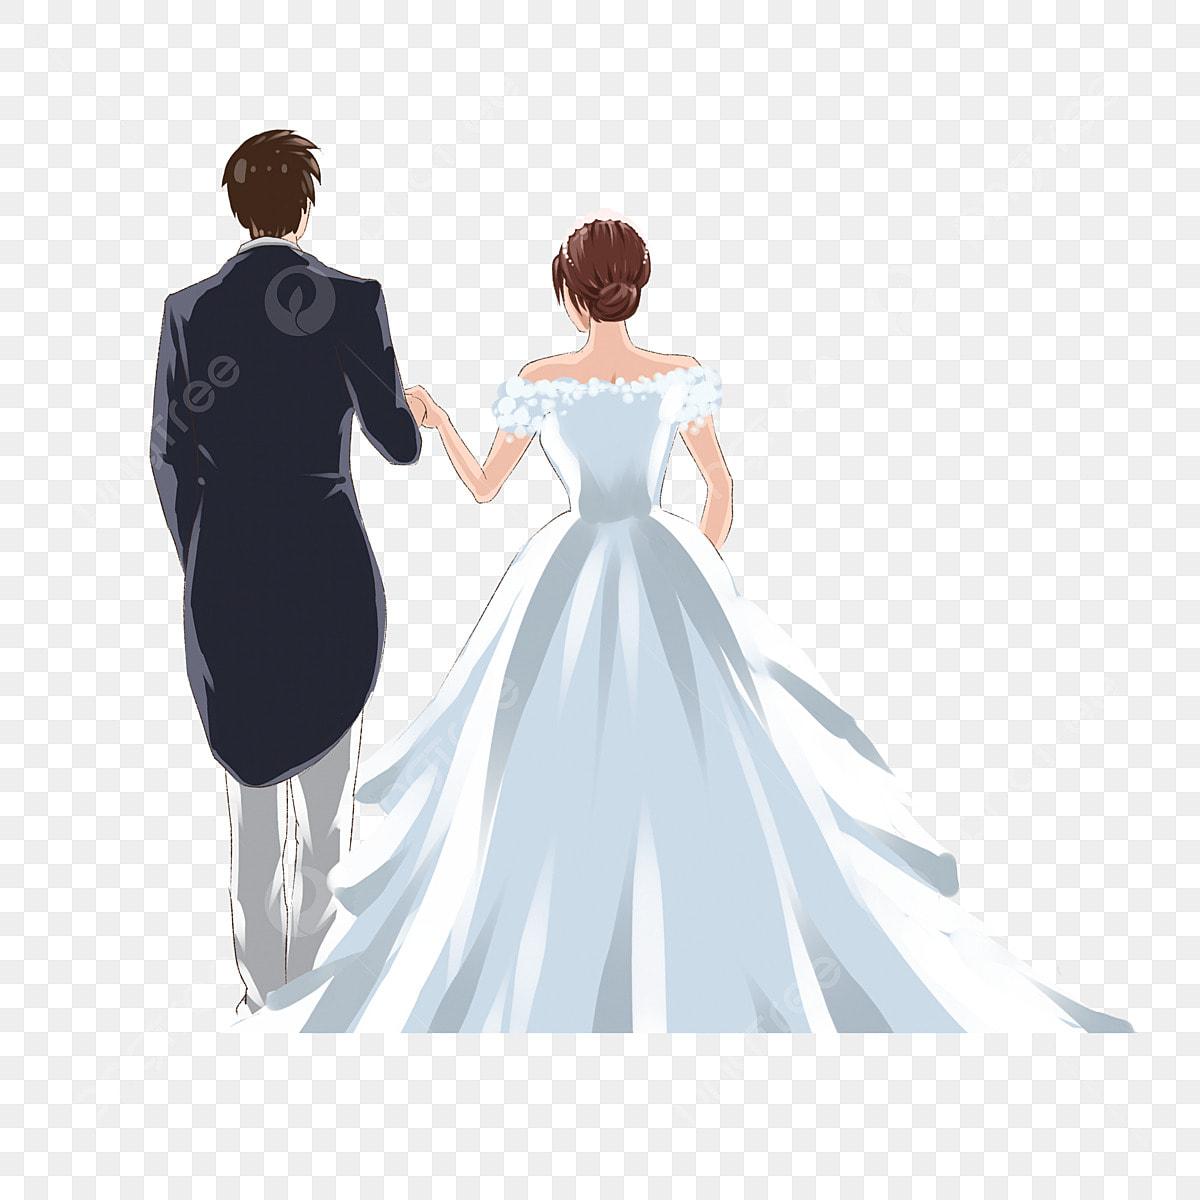 Pandangan Belakang Pasangan Dalam Pakaian Perkahwinan